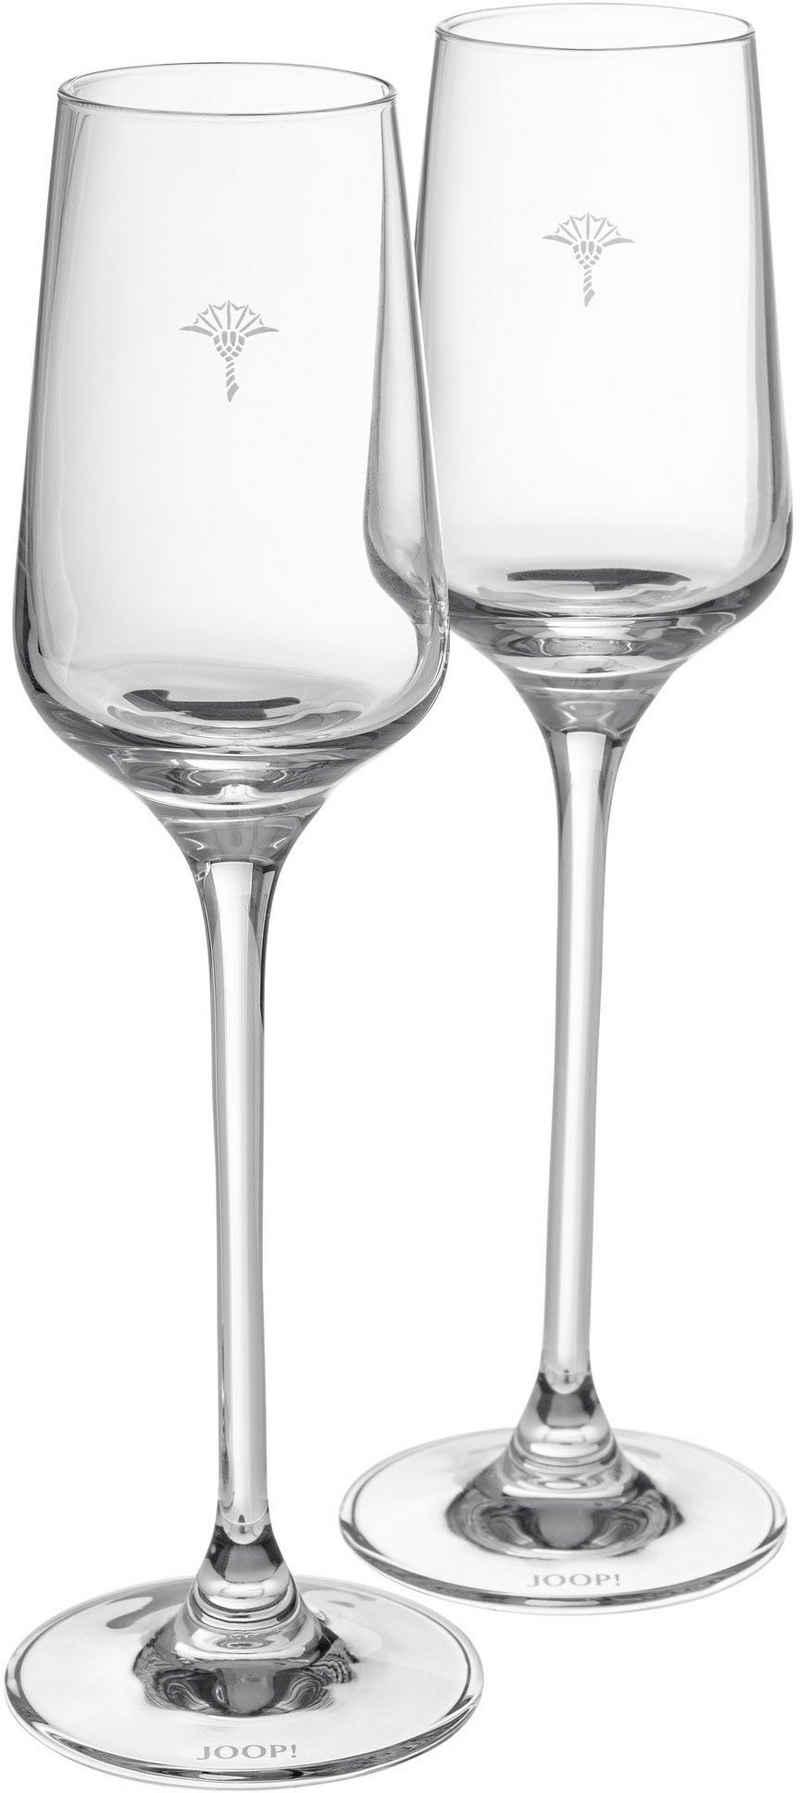 Joop! Digestifglas »JOOP! SINGLE CORNFLOWER«, Kristallglas, mit einzelner Kornblume als Dekor, 2-teilig